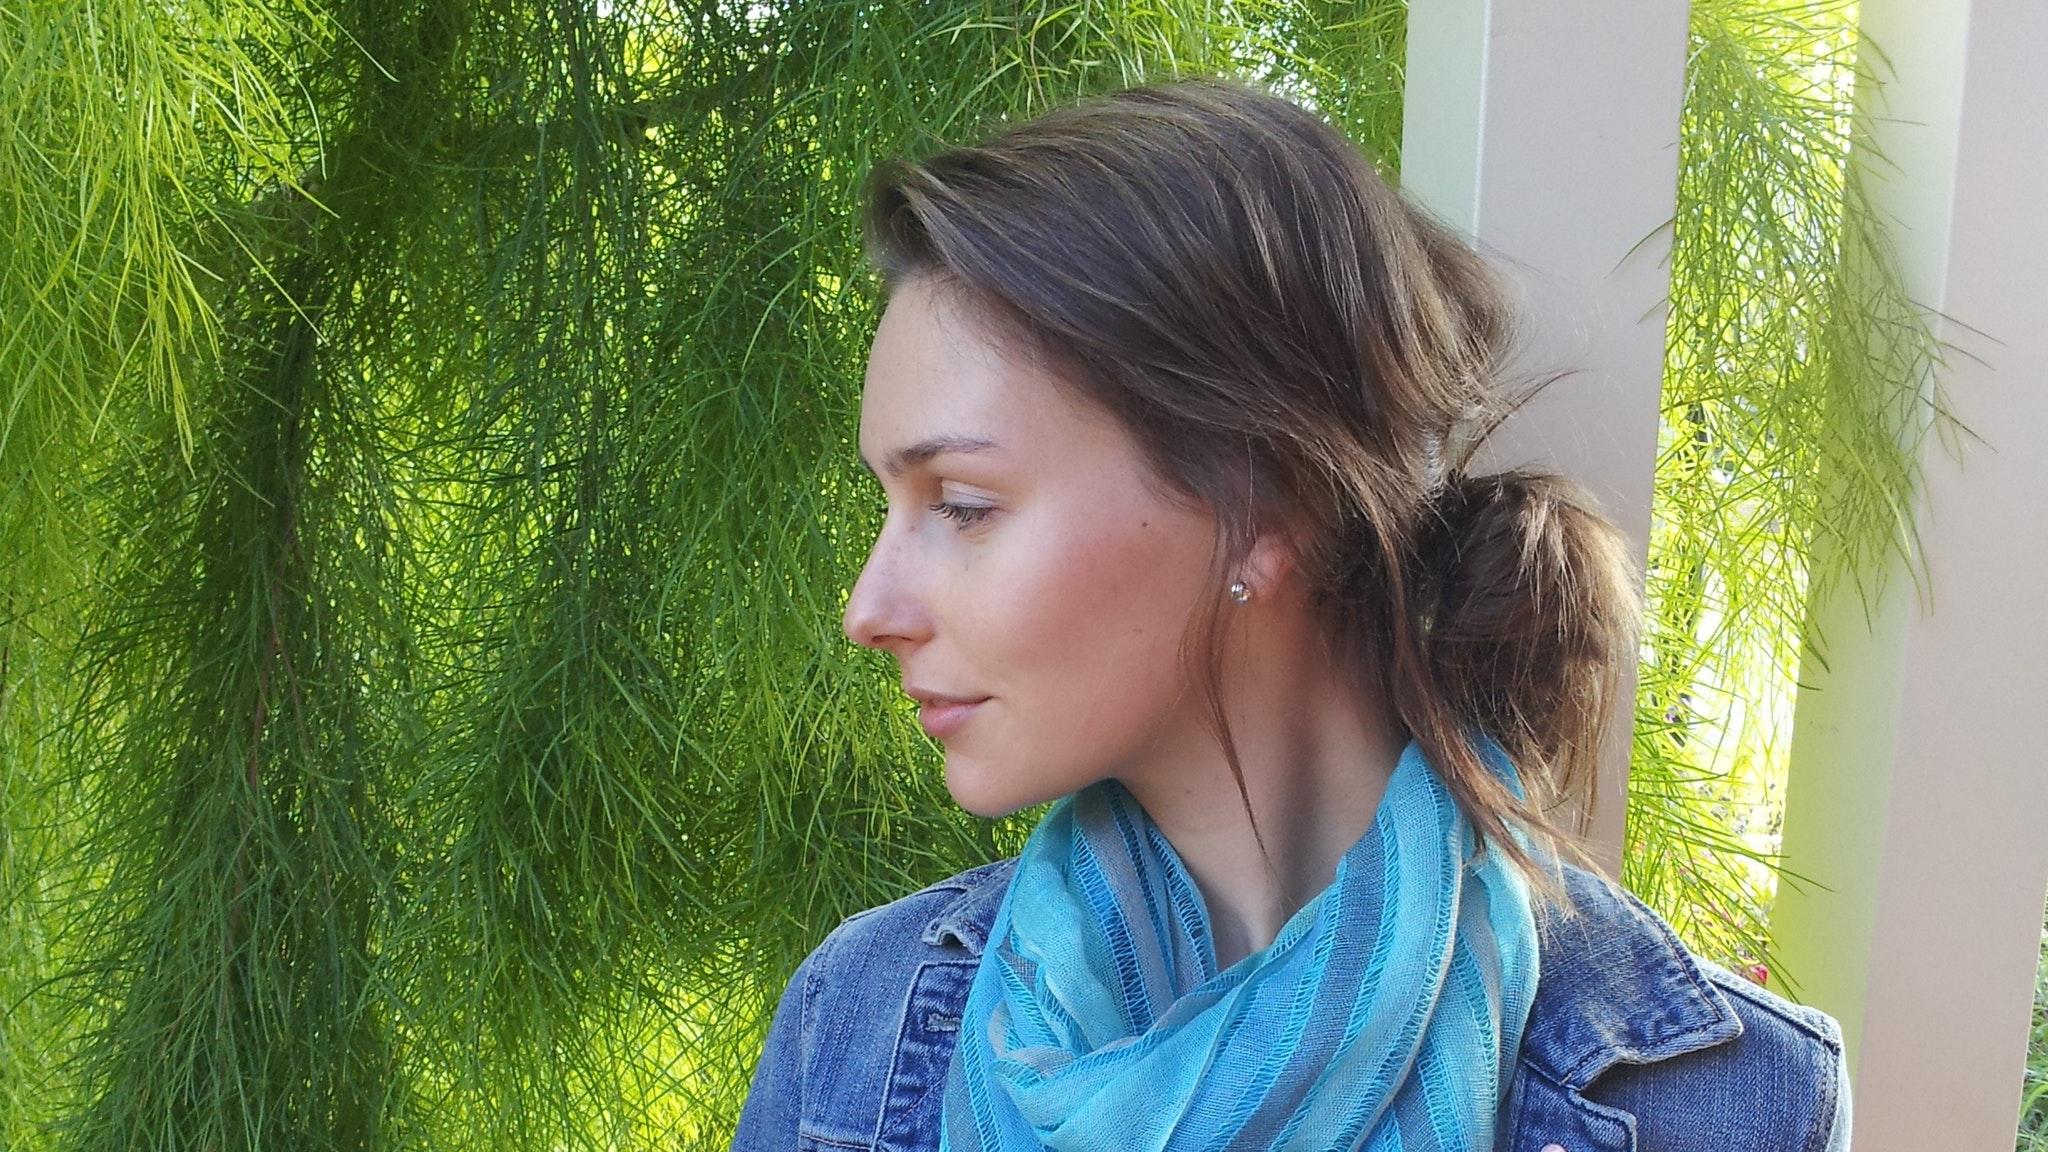 Elizabeth is modelling a Beautiful Jewel Green Scarf